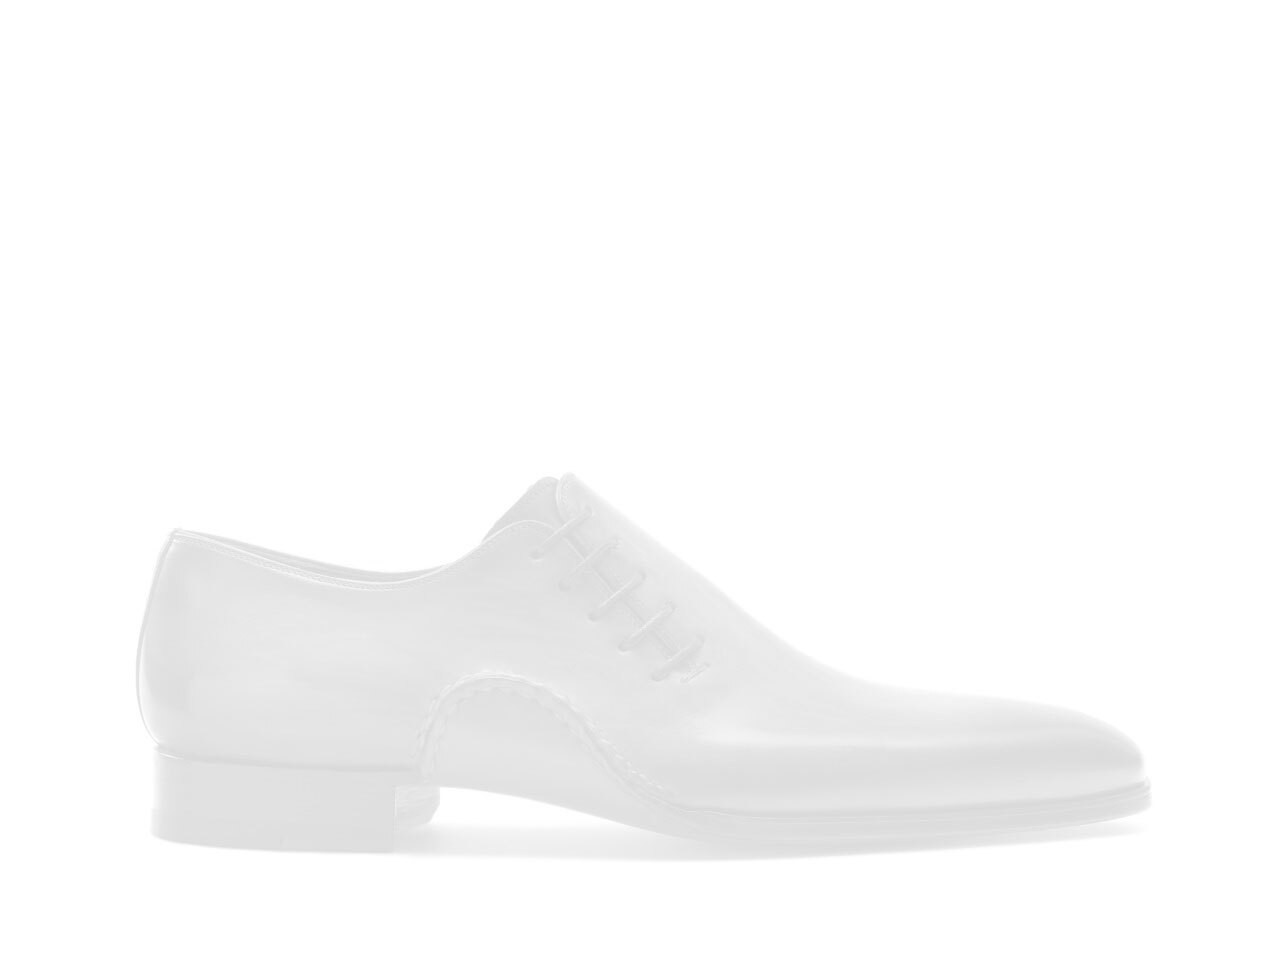 Black hand finished genuine crocodile penny loafer shoes for men - Magnanni